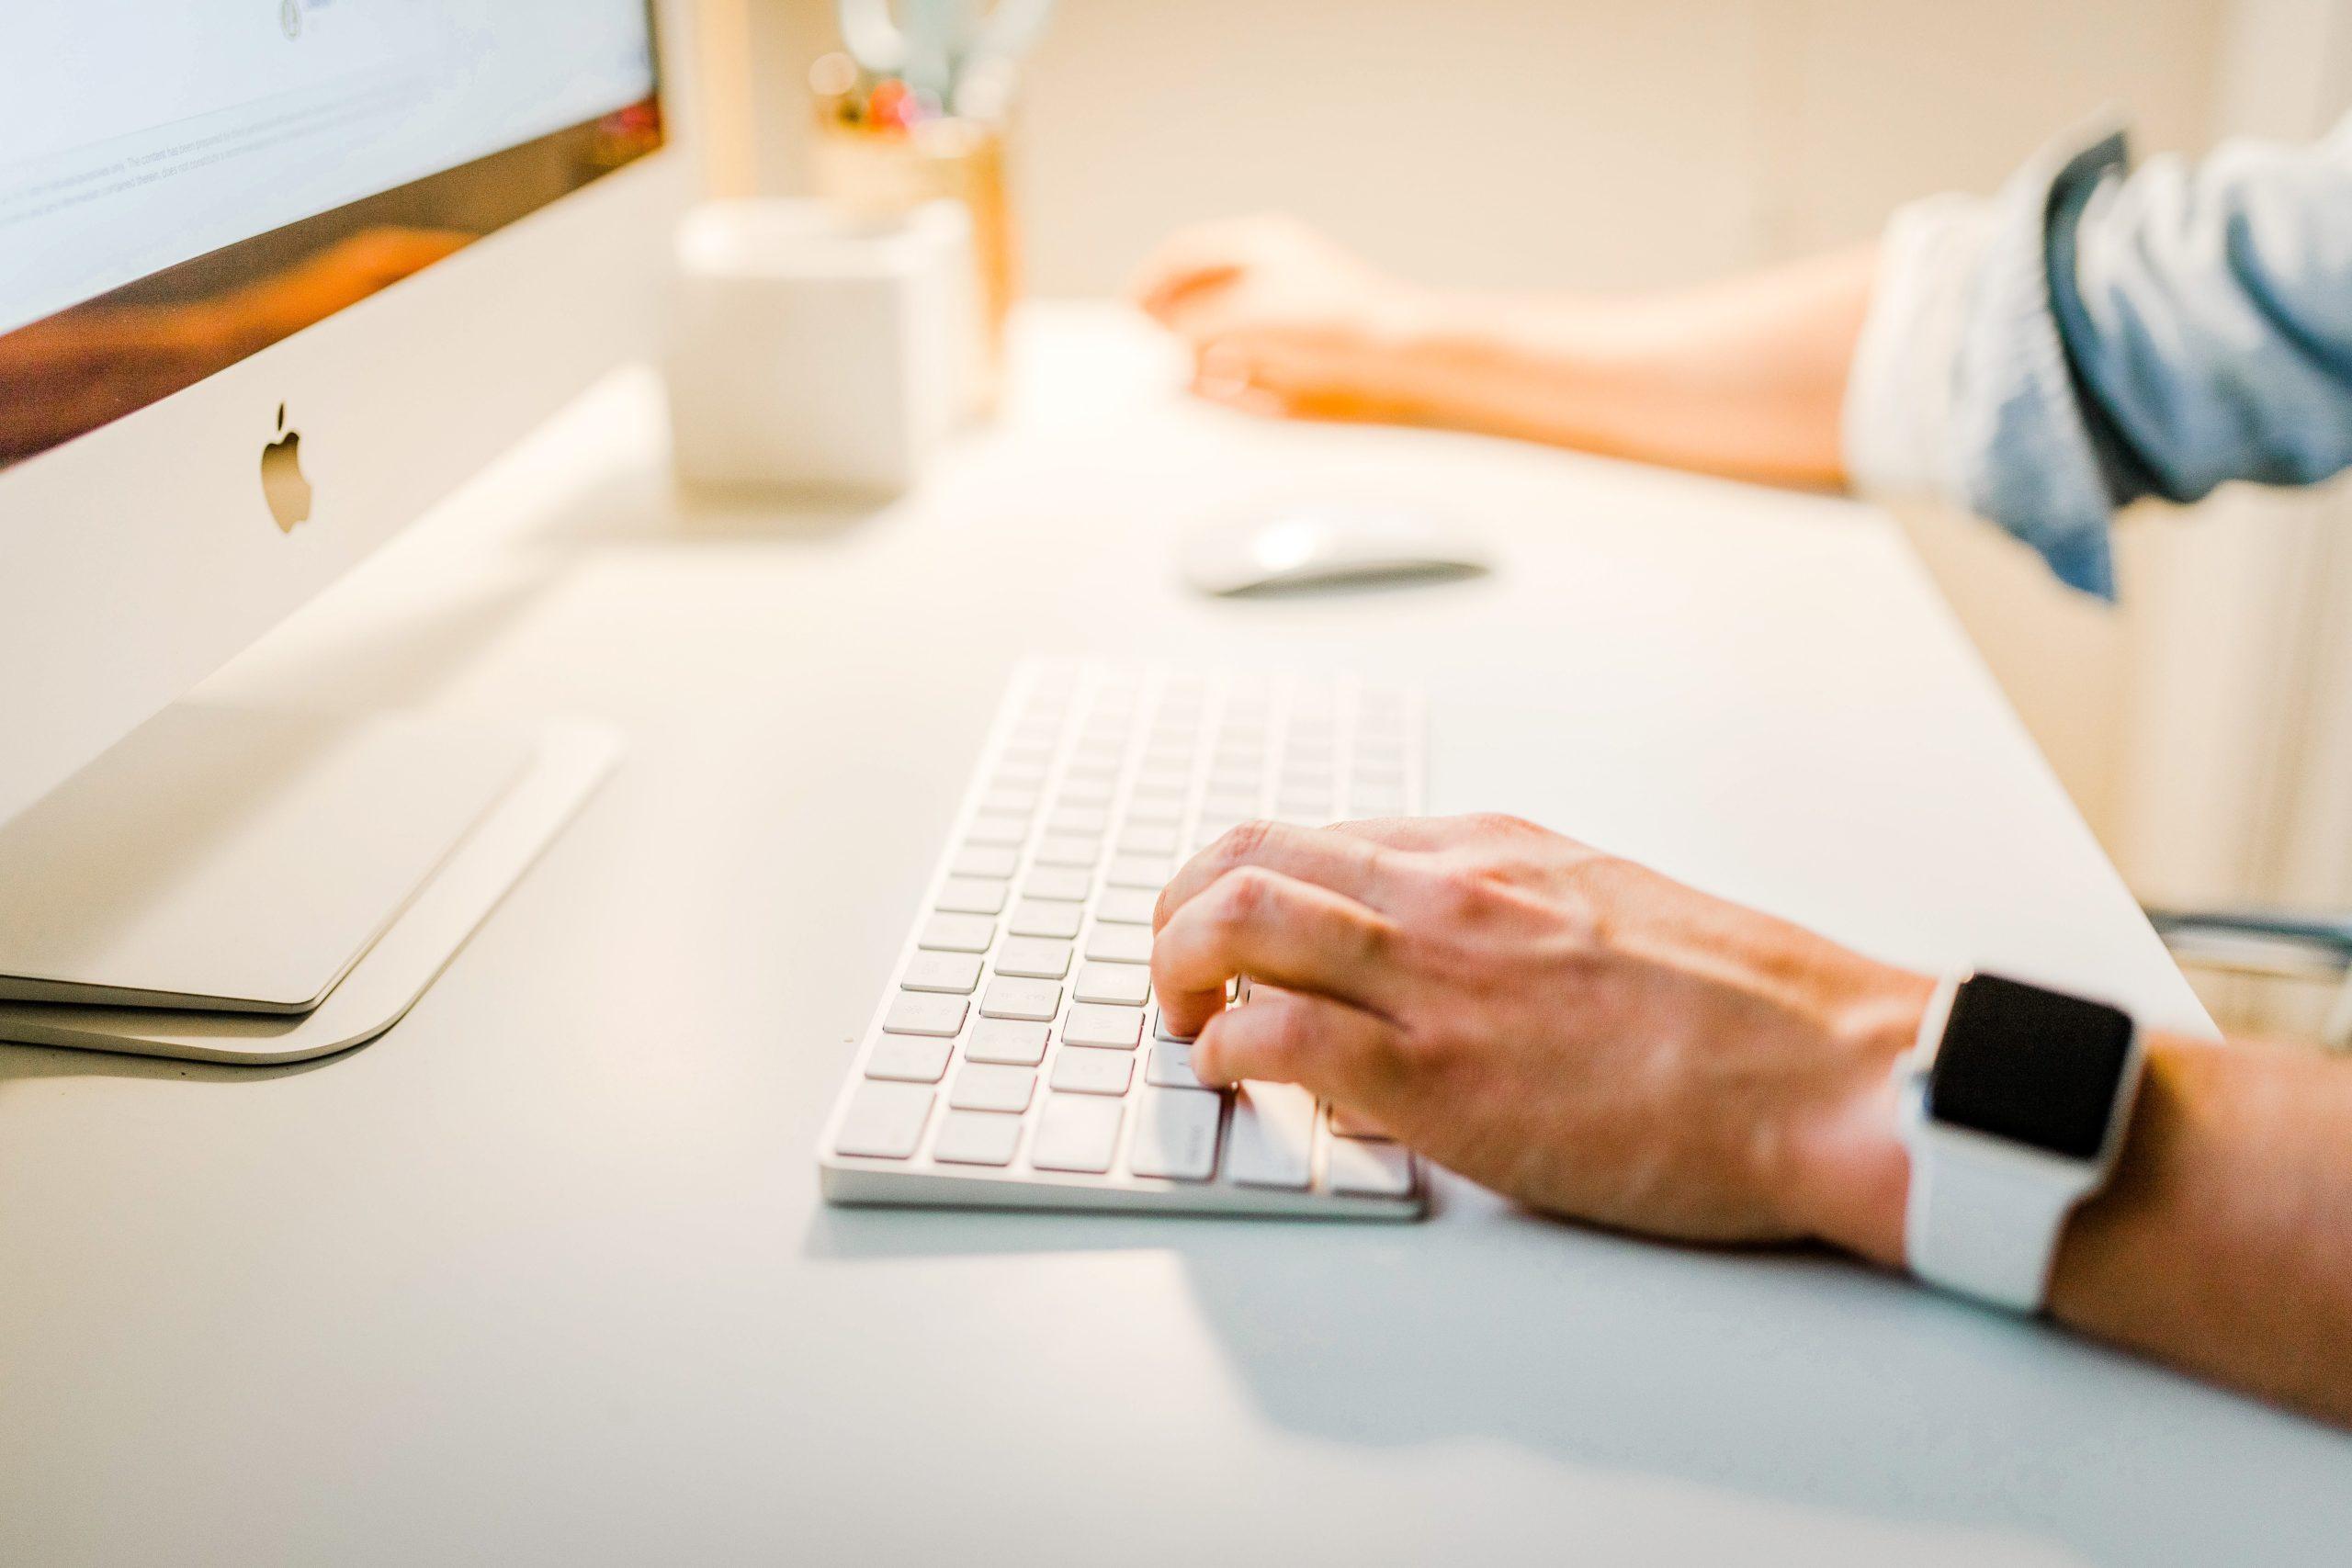 homme qui suit une formation sur un ordinateur